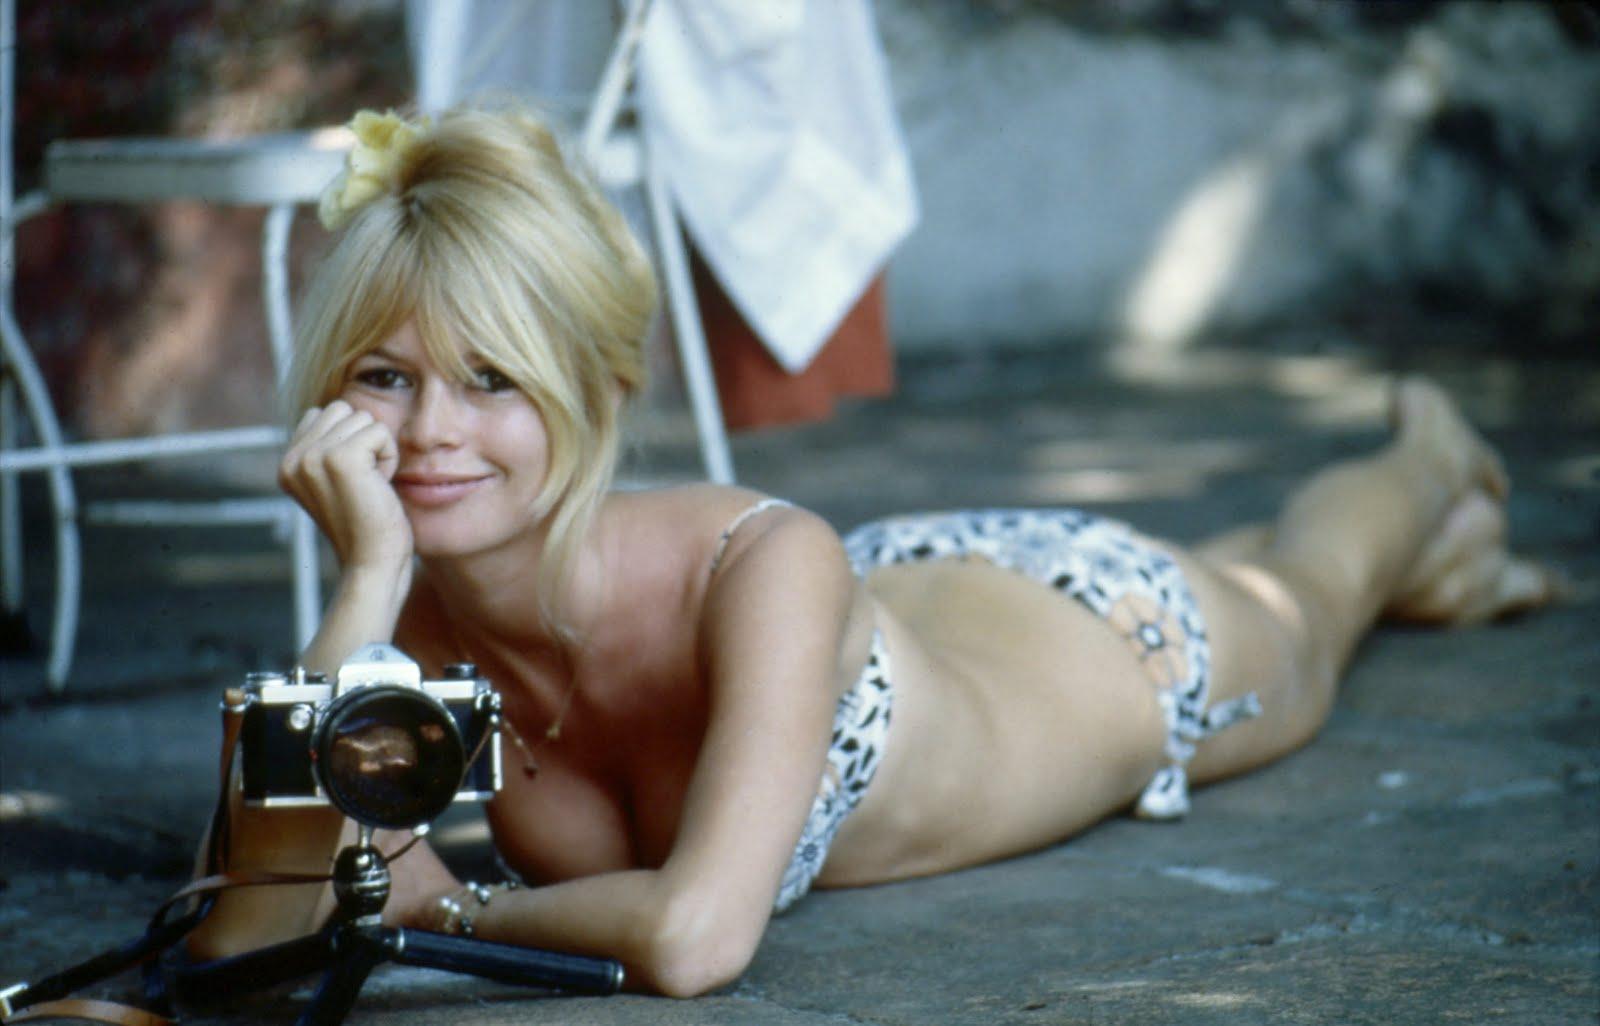 http://1.bp.blogspot.com/-iOALEhPK9EU/TVfpeo7J74I/AAAAAAAADas/9UwymZniTk0/s1600/MademoiselleB_BrigitteBardot_5.jpeg